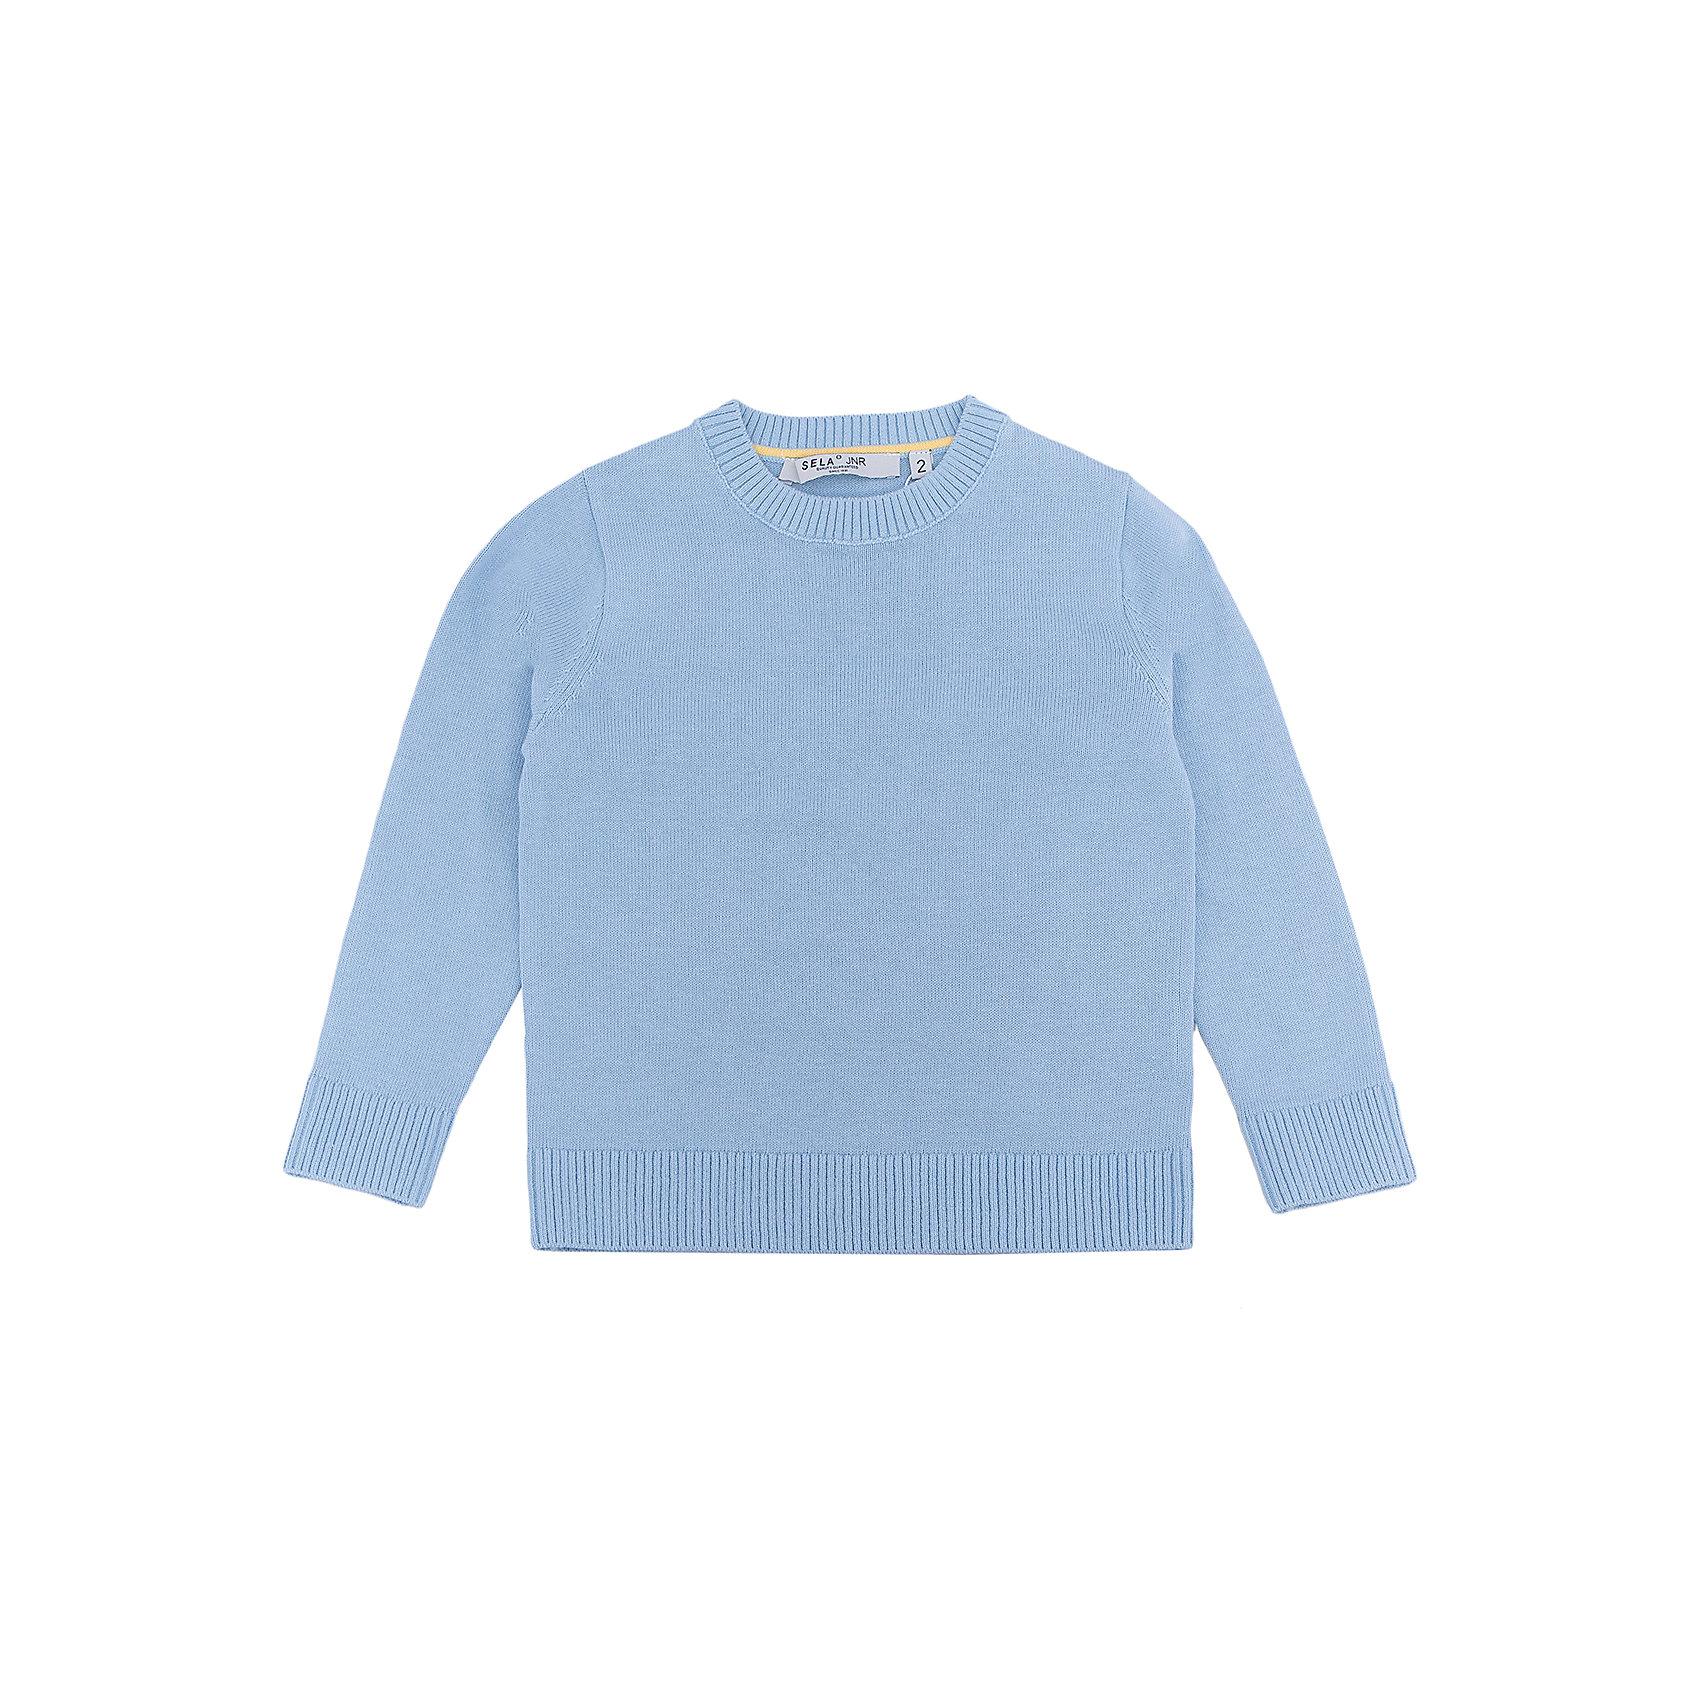 Джемпер для мальчика SELAСвитера и кардиганы<br>Характеристики:<br><br>• Вид детской и подростковой одежды: джемпер<br>• Пол: для мальчика<br>• Предназначение: повседневная (для школы)<br>• Сезон: демисезонный<br>• Тематика рисунка: без рисунка<br>• Цвет: голубой<br>• Материал: хлопок, 100%<br>• Силуэт: классический<br>• Рукав: втачной<br>• Воротник: округлый<br>• Особенности ухода: ручная стирка при температуре не более 30 градусов, глажение на щадящем режиме<br><br>Джемпер для мальчика SELA из коллекции детской и подростковой одежды от знаменитого торгового бренда, который производит удобную, комфортную и стильную одежду, предназначенную как для будней, так и для праздников. Джемпер выполнен из 100% хлопка, который обеспечивает изделию гипоаллергенные свойства, устойчивость к деформации и образованию катышков. Изделие выполнено в классическом стиле: прямой силуэт, длинный втачной рукав с манжетами из эластичной резинки и округлый воротничок. Джемпер выполнен в традиционном цвете для мальчиков. Изделие может быть в качестве базовой вещи в гардеробе для мальчика, прекрасно будет сочетаться как с брюками, так и с джинсами.<br><br>Джемпер для мальчика SELA можно купить в нашем интернет-магазине.<br>Состав:<br>100% хлопок<br><br>Ширина мм: 190<br>Глубина мм: 74<br>Высота мм: 229<br>Вес г: 236<br>Цвет: голубой<br>Возраст от месяцев: 48<br>Возраст до месяцев: 60<br>Пол: Мужской<br>Возраст: Детский<br>Размер: 110,104,98,92,116<br>SKU: 5305661